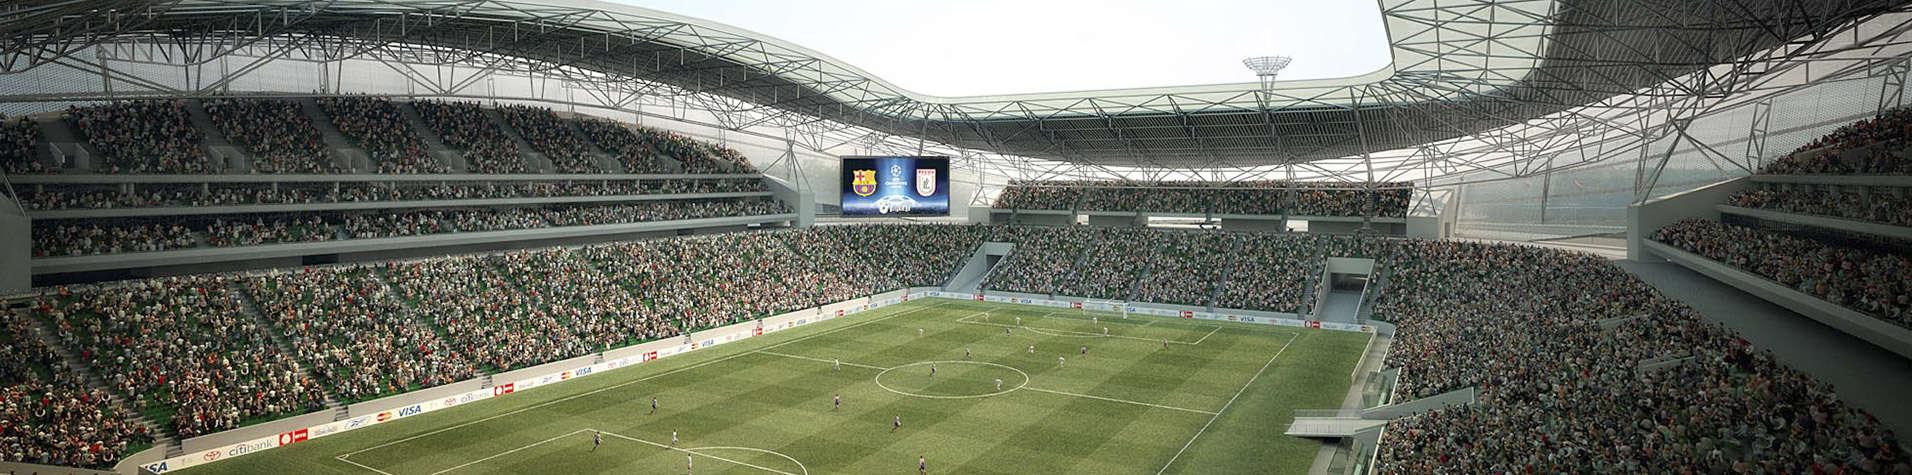 Стадион оборудованный светодиодным табло